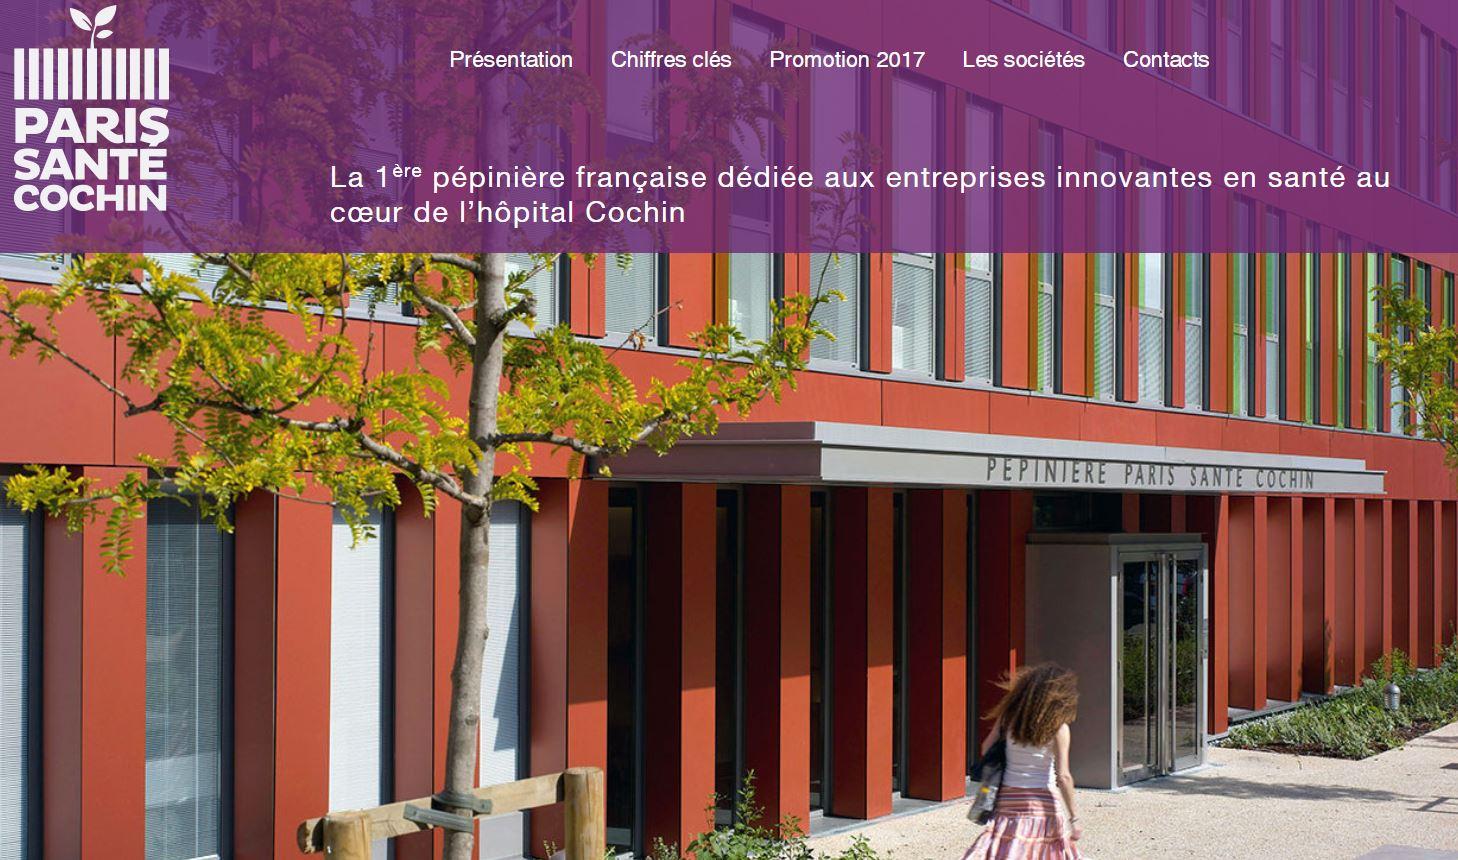 Paris Santé Cochin est la 1ère plateforme d'innovation en France uniquement destinée aux startups de la santé et des biotechnologies.